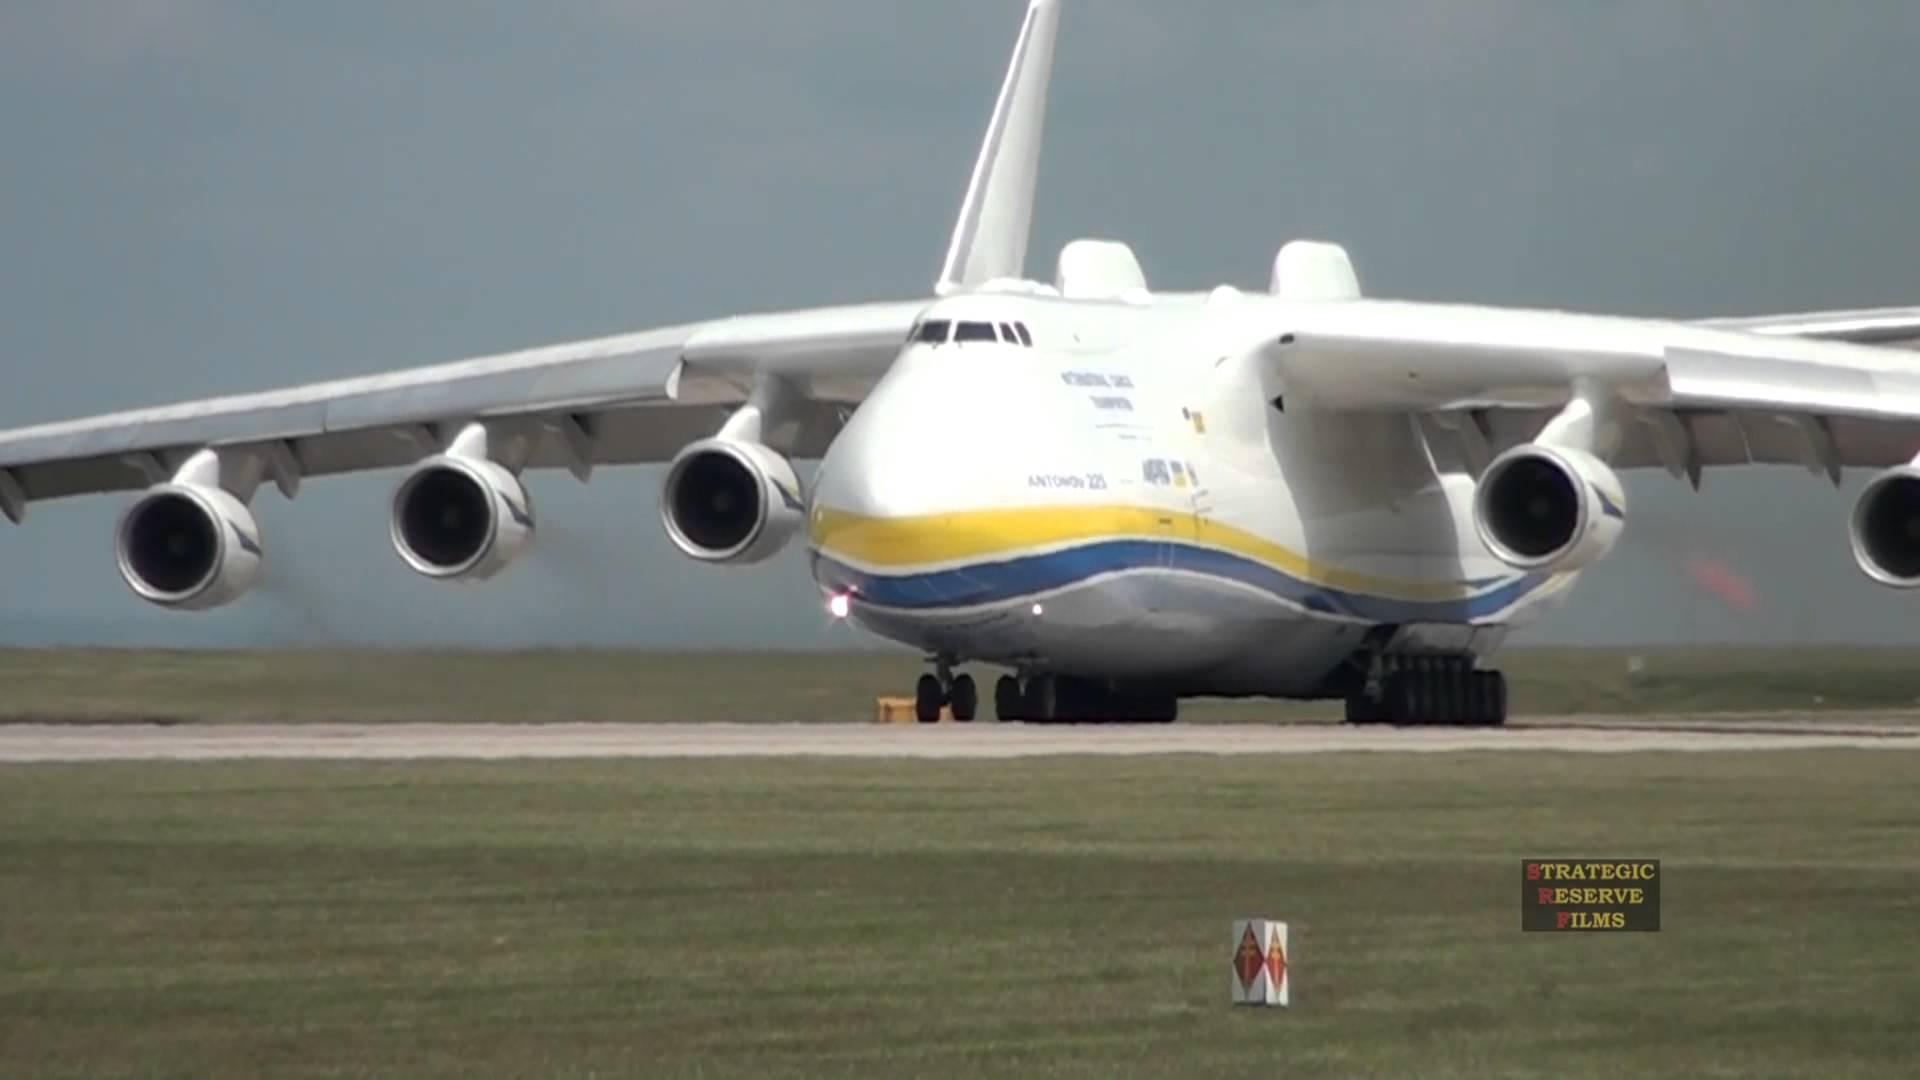 Airplane Full Hd Wallpaper Le Plus Gros Avion Du Monde Est Russe